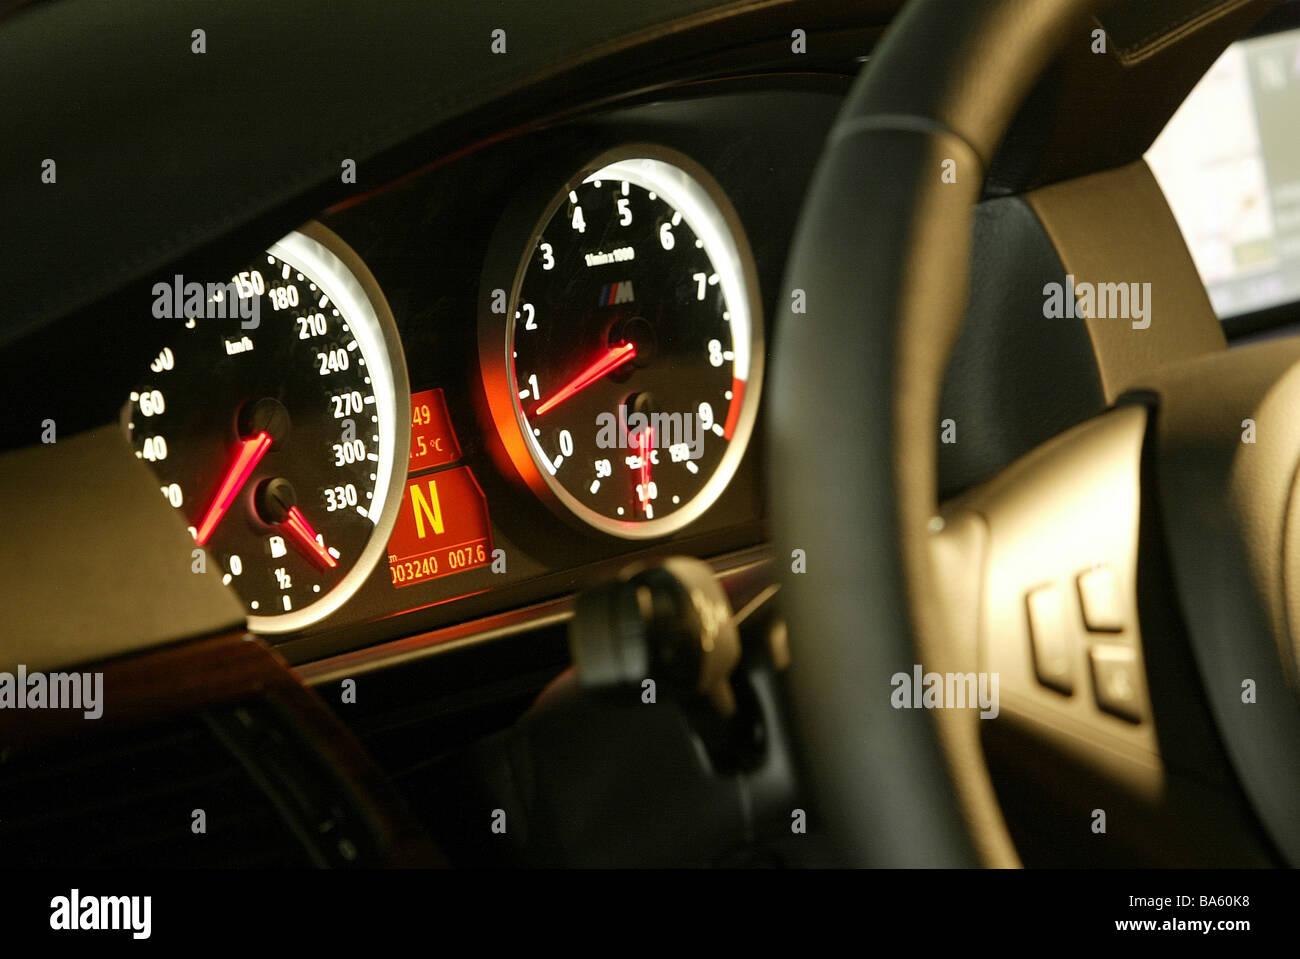 Auto Innen Cockpit Instrumente Tacho Tachometer Leuchtet Nacht Keine